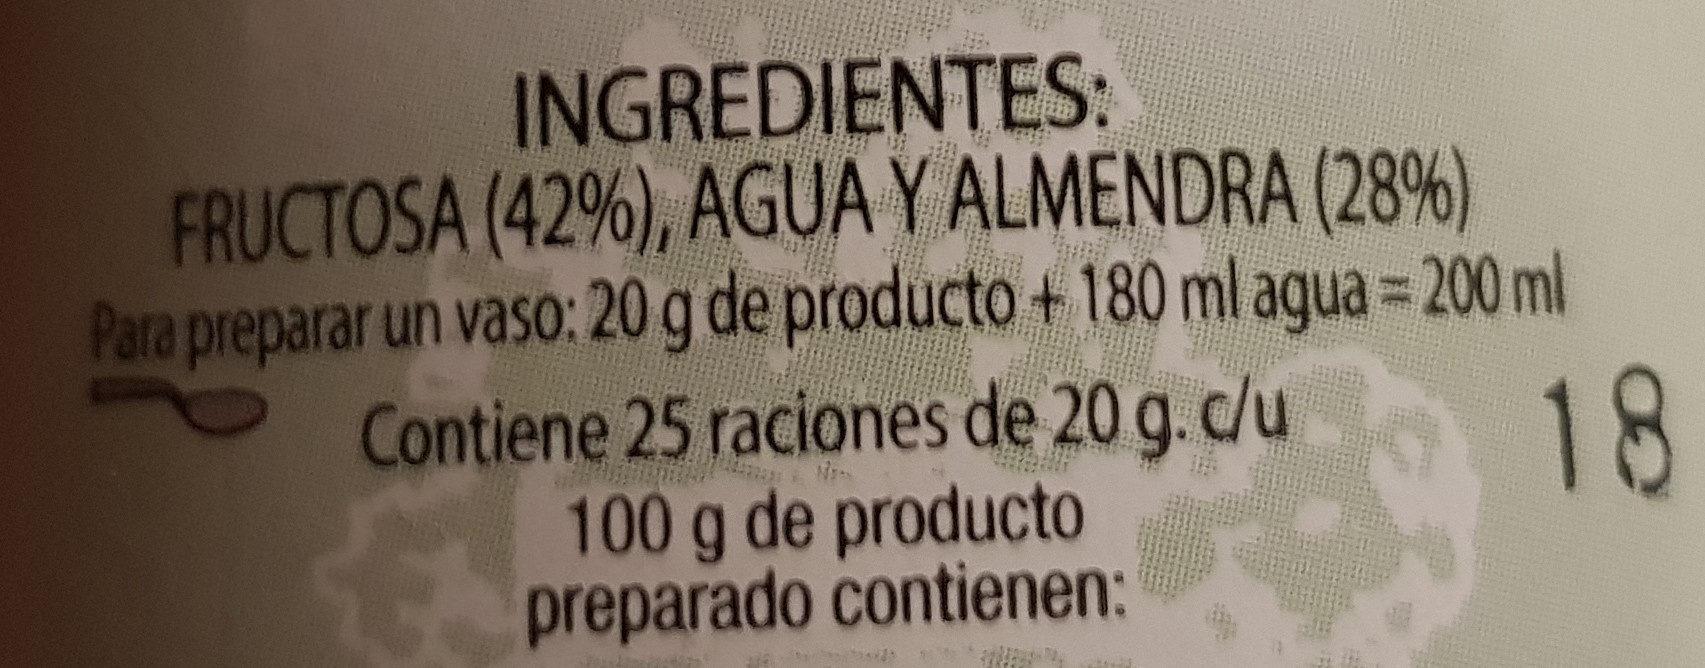 Crema de almendras con fructosa - Ingredients